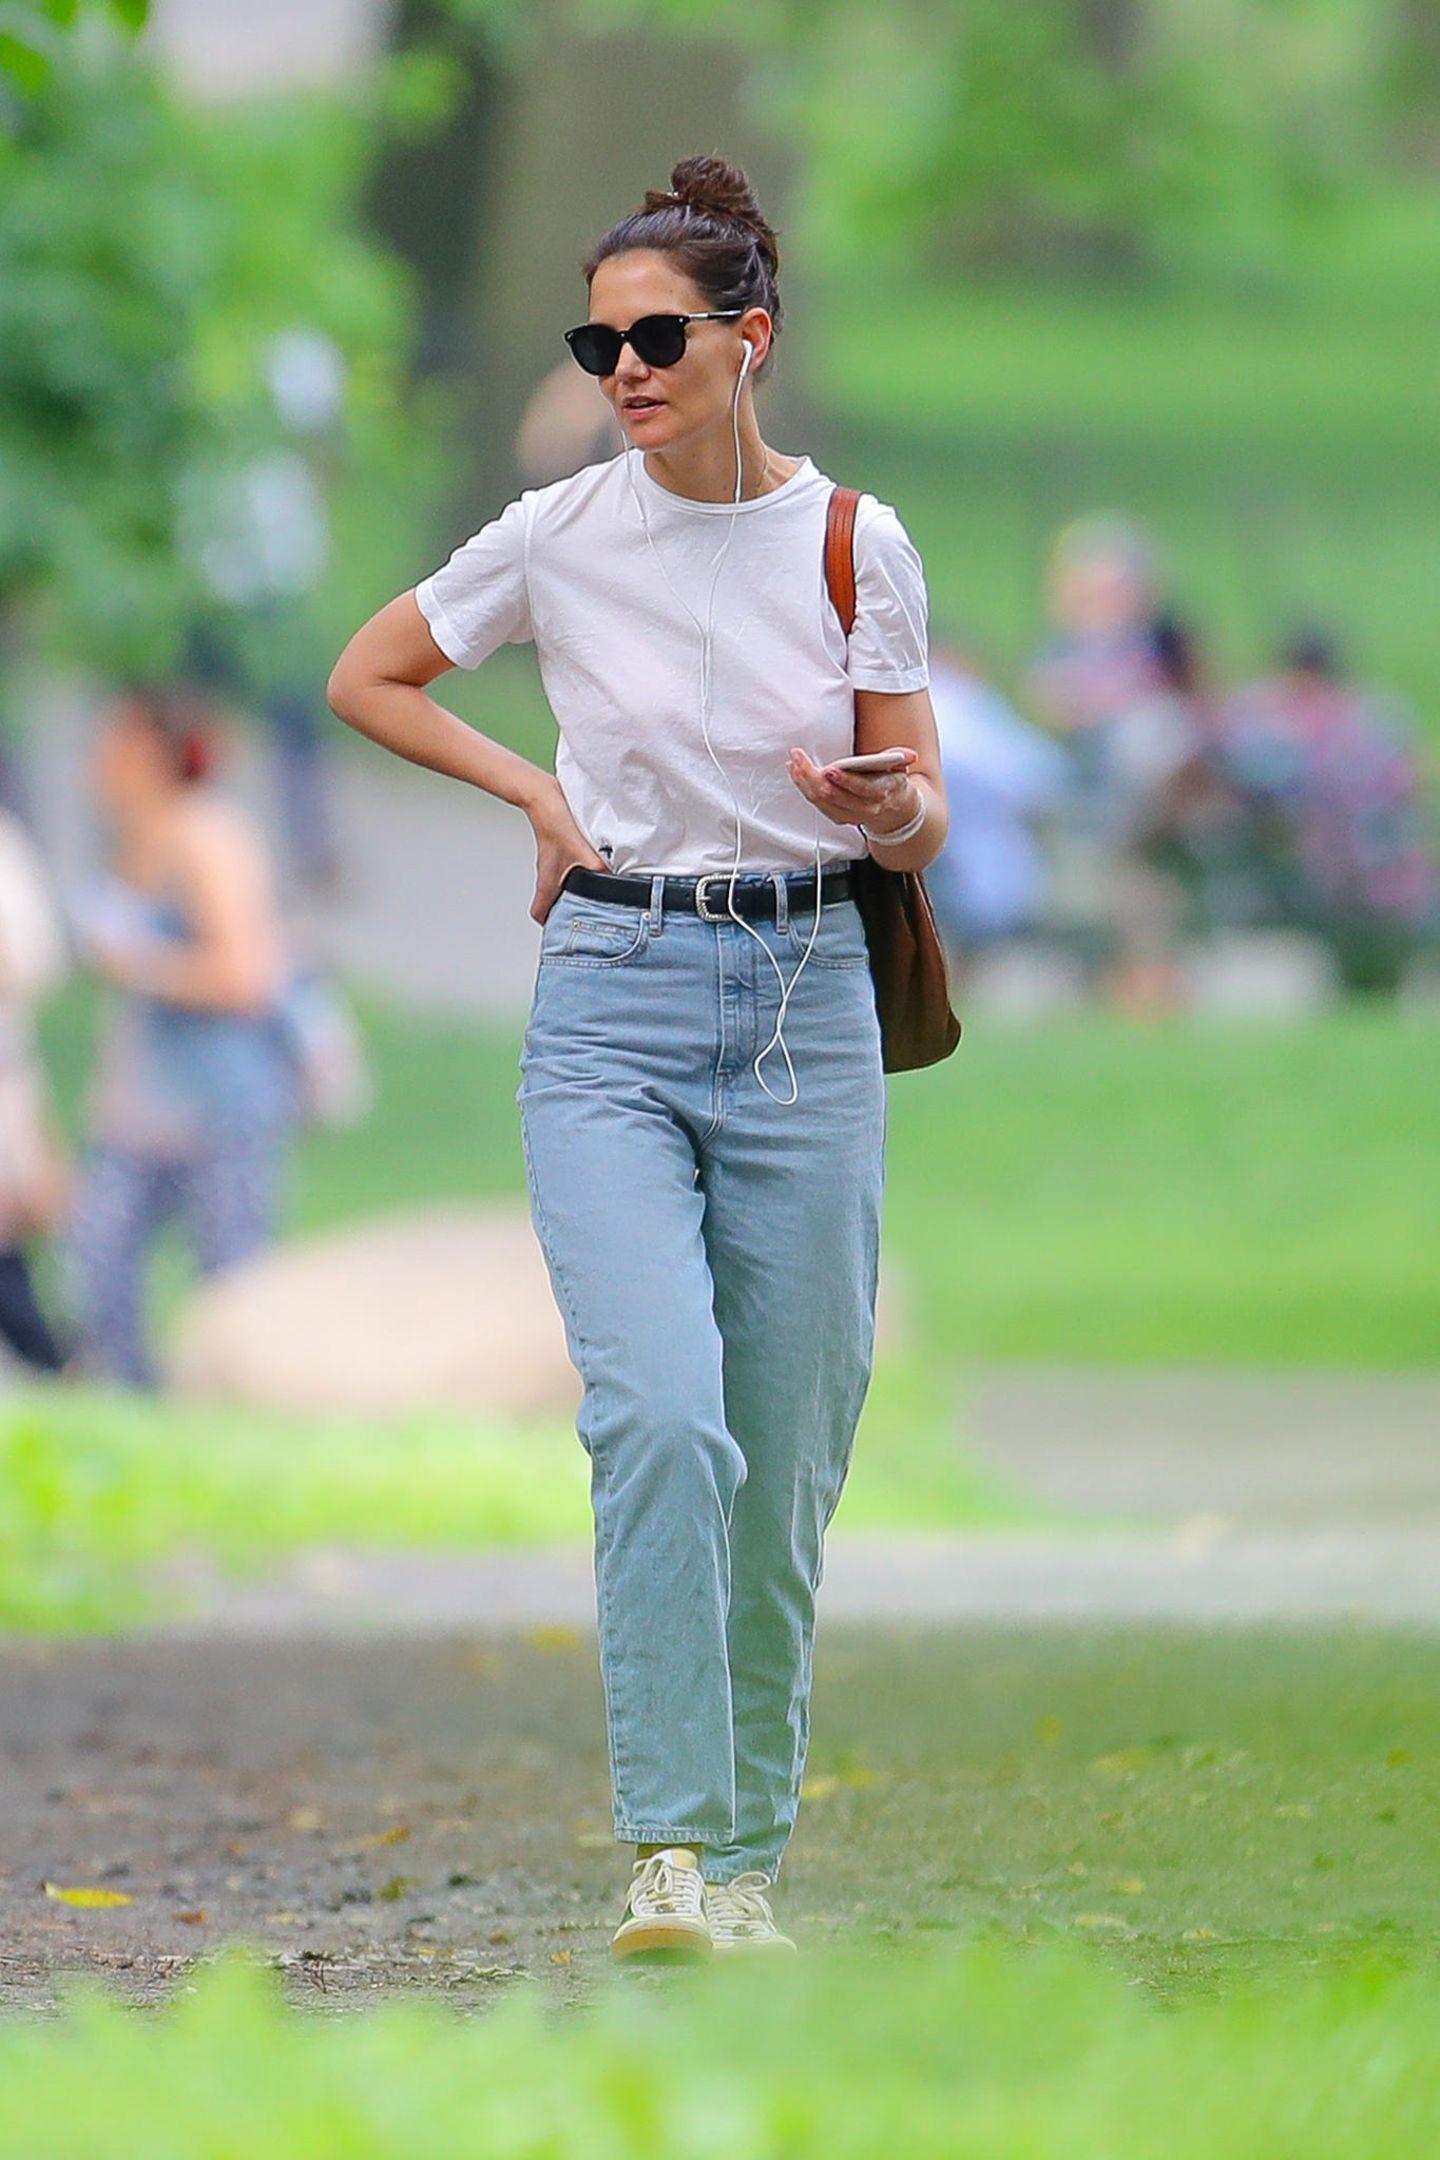 """Sonntags im Central Park: Katie Holmes schlendert ganz gemütlich durchs Grüne. Da muss auch der Look passen. Der Weltstar schlüpft in eine ganz simple Kombination aus weißem Shirt und Mom-Jeans. Mit Sonnenbrille auf der Nase fällt sie so überhaupt nicht auf und kann einen """"normalen"""" Tag genießen."""